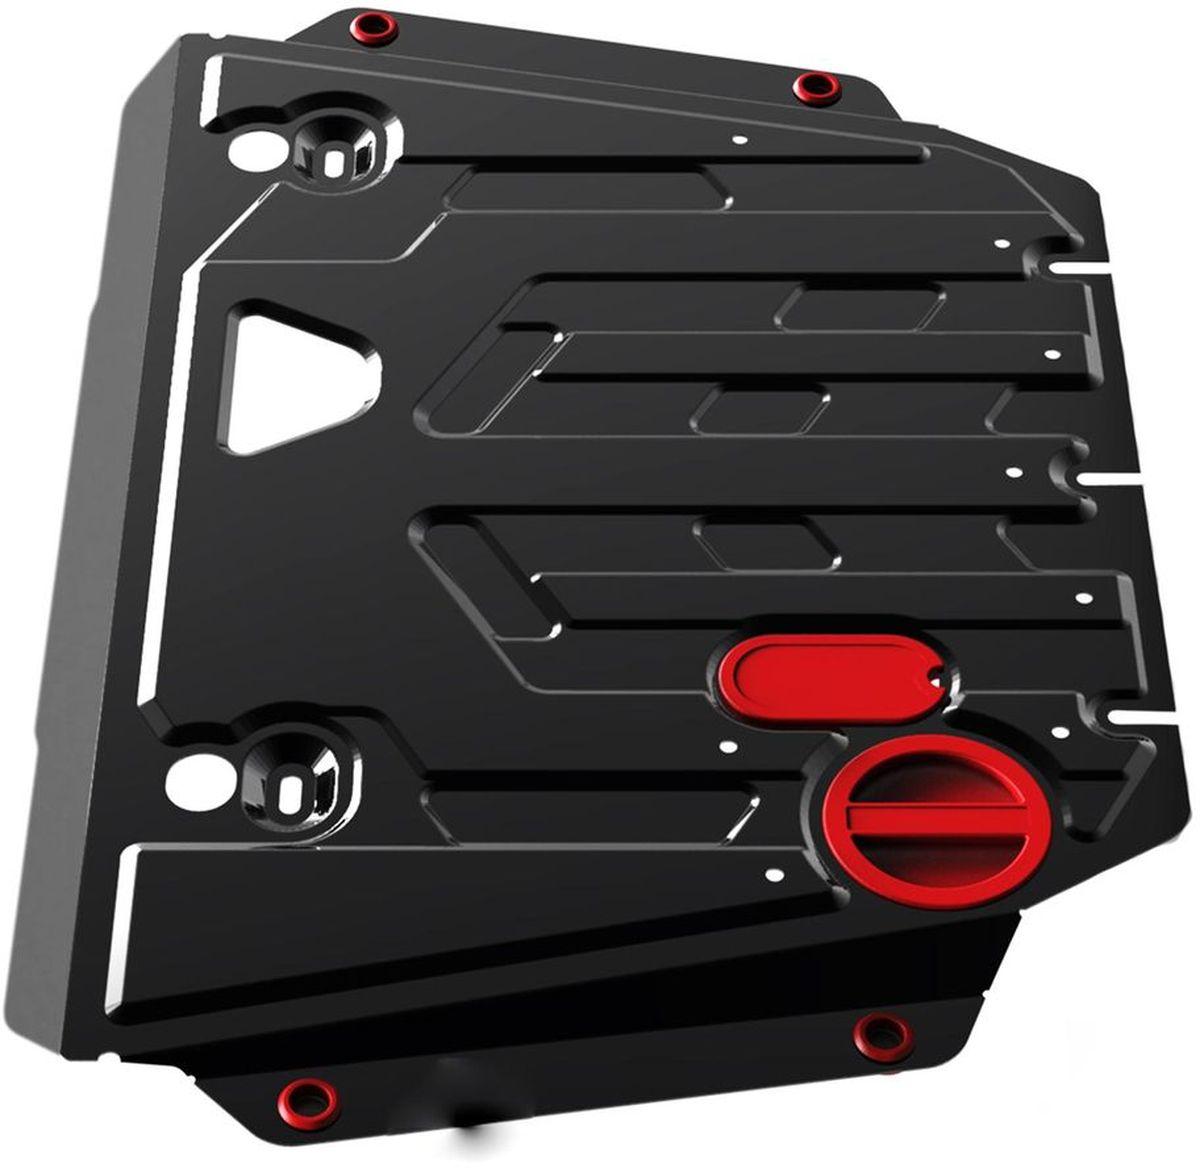 Защита картера и КПП Автоброня Lifan Cebrium 2014-, сталь 2 мм111.03310.1Защита картера и КПП Автоброня Lifan Cebrium МКП, V-1,8 2014-, сталь 2 мм, комплект крепежа, 111.03310.1Стальные защиты Автоброня надежно защищают ваш автомобиль от повреждений при наезде на бордюры, выступающие канализационные люки, кромки поврежденного асфальта или при ремонте дорог, не говоря уже о загородных дорогах.- Имеют оптимальное соотношение цена-качество.- Спроектированы с учетом особенностей автомобиля, что делает установку удобной.- Защита устанавливается в штатные места кузова автомобиля.- Является надежной защитой для важных элементов на протяжении долгих лет.- Глубокий штамп дополнительно усиливает конструкцию защиты.- Подштамповка в местах крепления защищает крепеж от срезания.- Технологические отверстия там, где они необходимы для смены масла и слива воды, оборудованные заглушками, закрепленными на защите.Толщина стали 2 мм.В комплекте крепеж и инструкция по установке.Уважаемые клиенты!Обращаем ваше внимание на тот факт, что защита имеет форму, соответствующую модели данного автомобиля. Наличие глубокого штампа и лючков для смены фильтров/масла предусмотрено не на всех защитах. Фото служит для визуального восприятия товара.